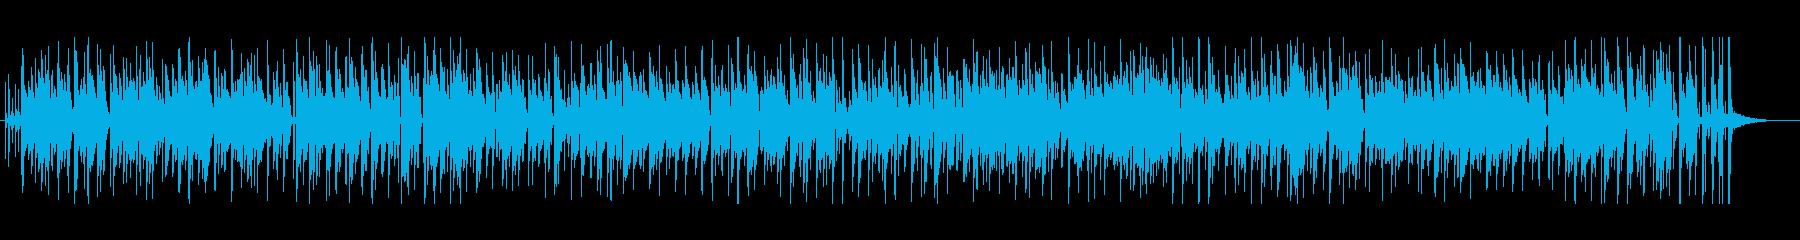 夏を感じさせるかわいいボサノバです。の再生済みの波形